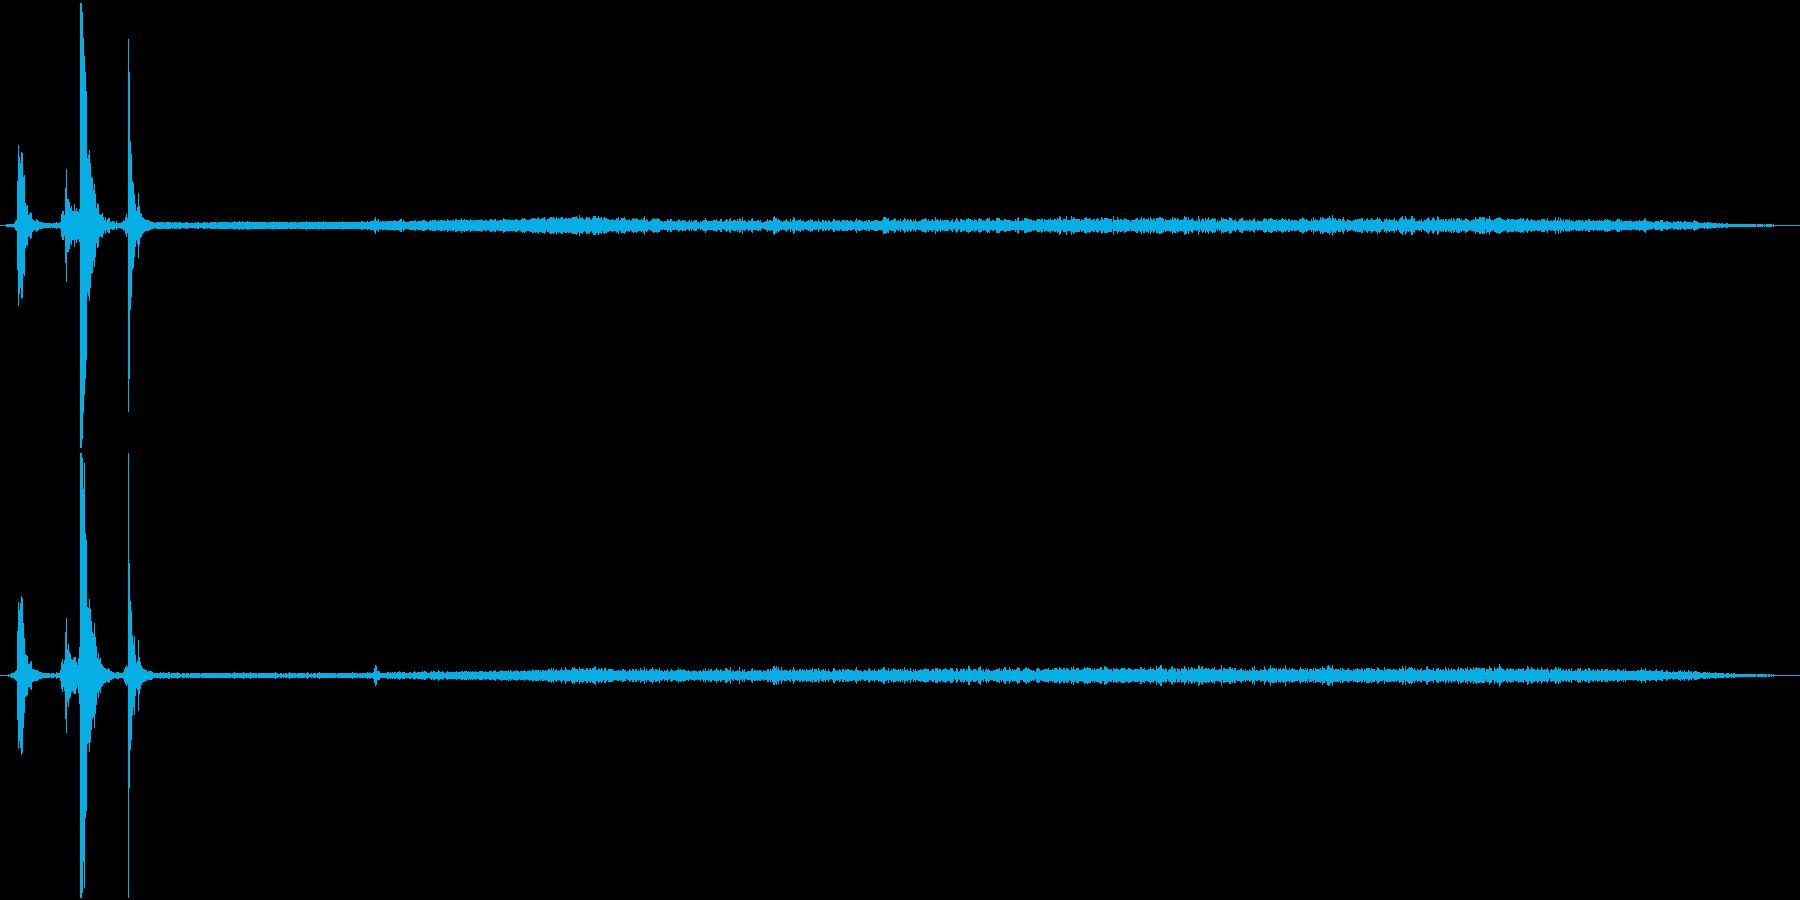 【生録音】換気扇を回す音の再生済みの波形